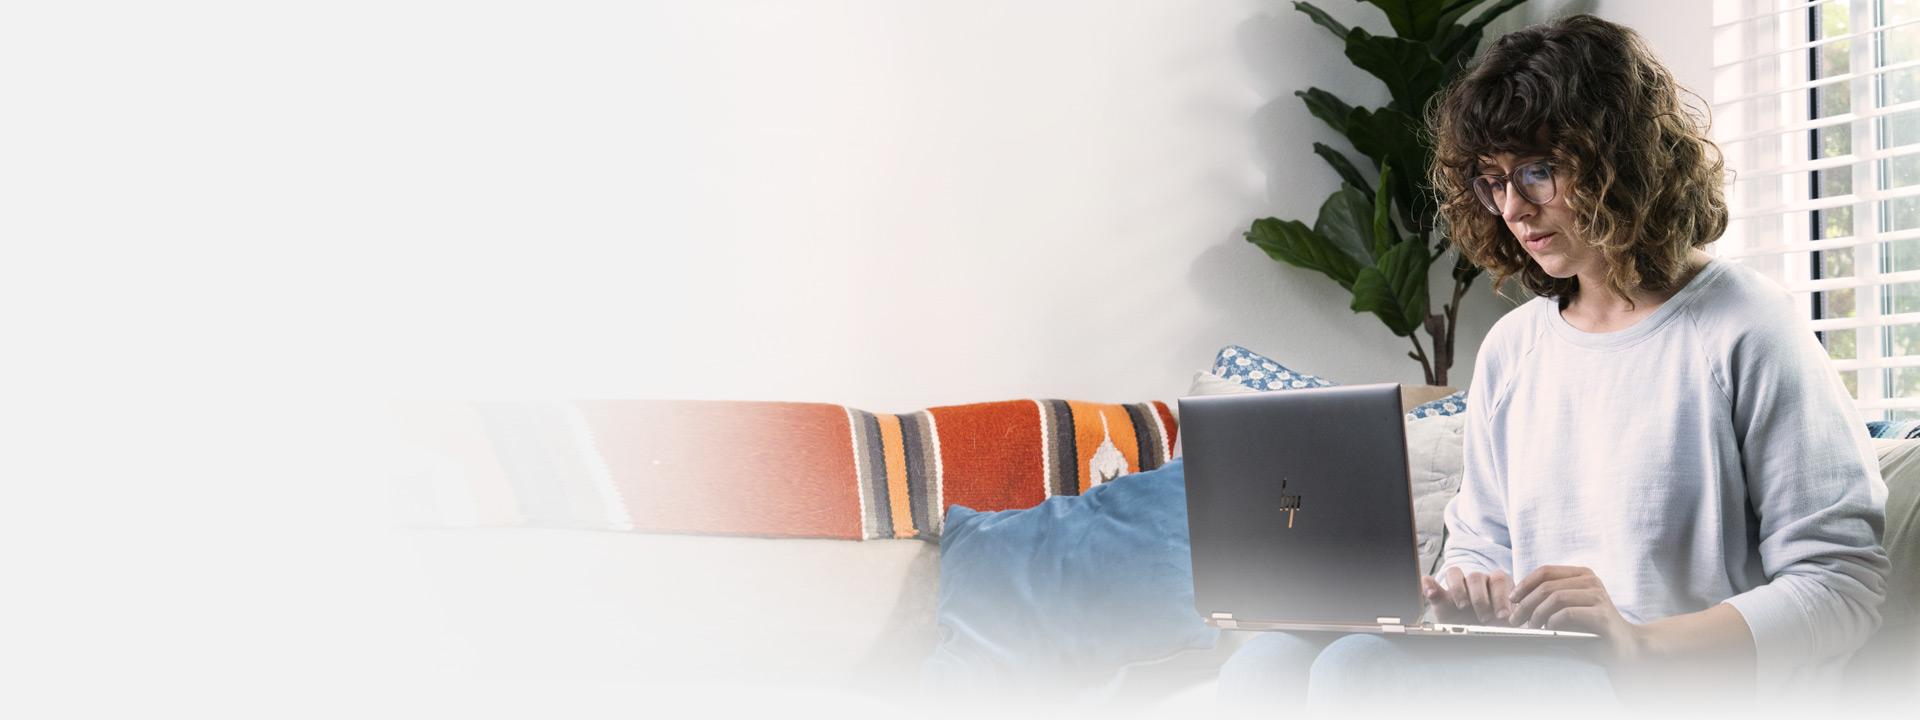 Kanapén ülő, laptopot használó nő